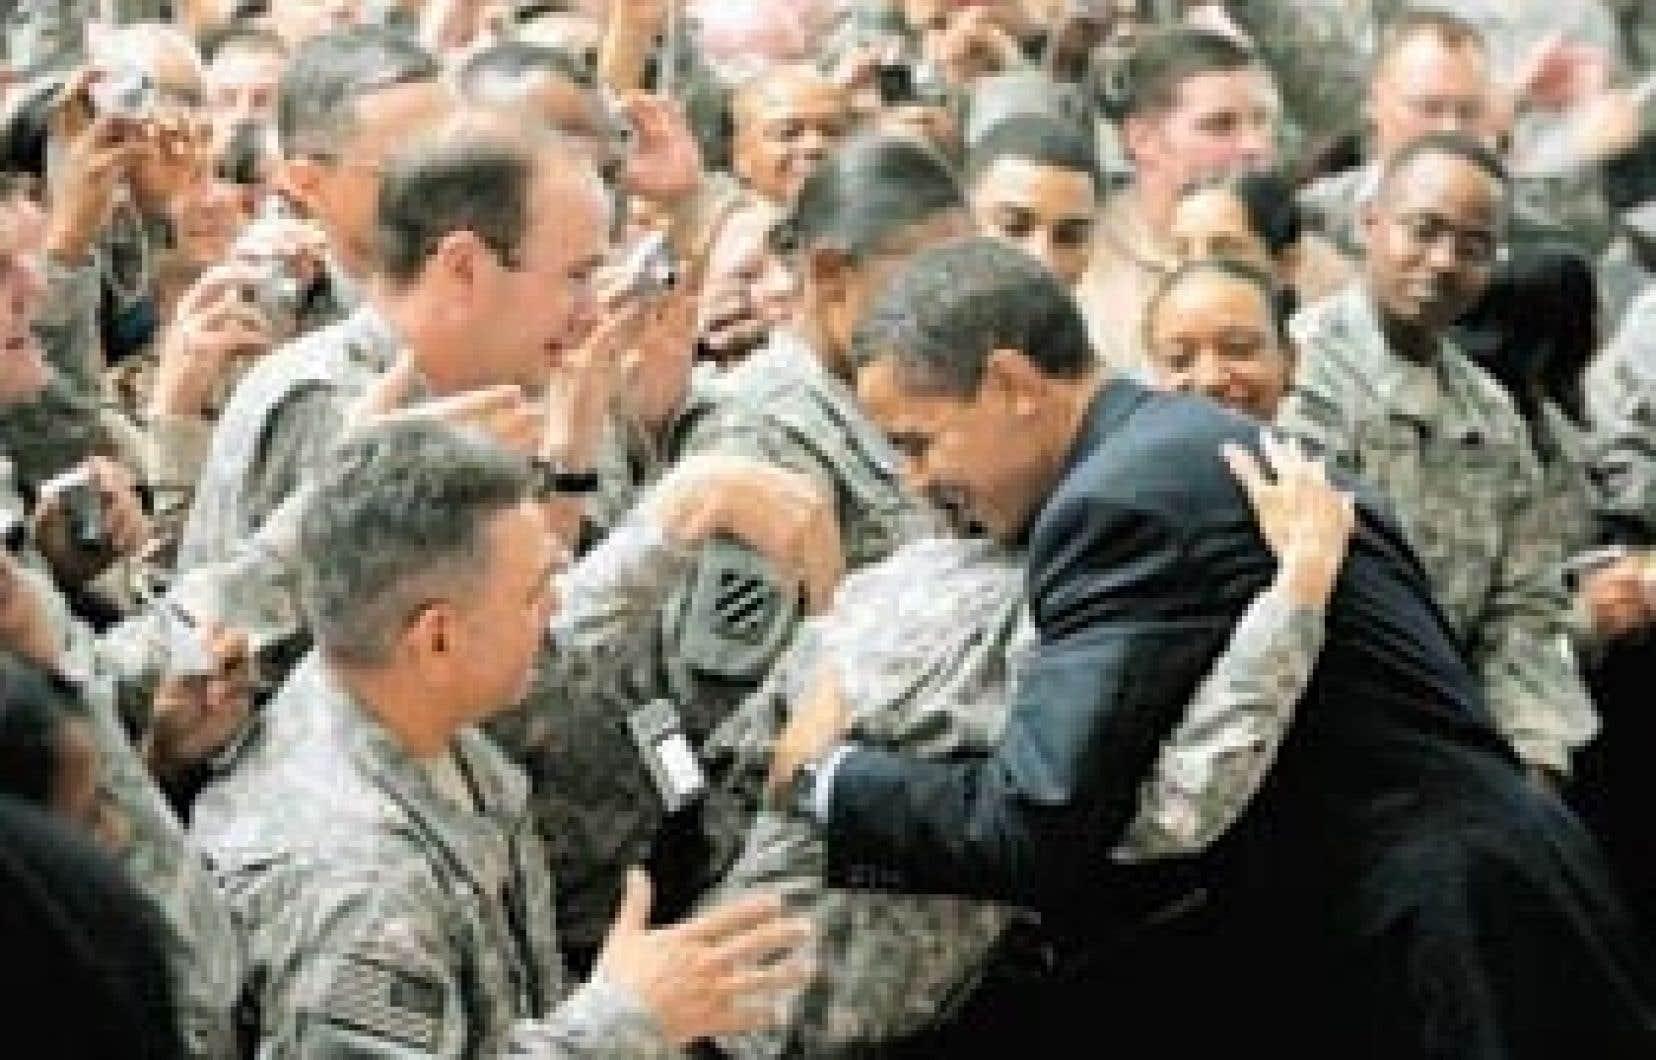 Le président américain Barack Obama serre un soldat dans ses bras au cours de sa visite au camp Victory, près de Bagdad, hier.